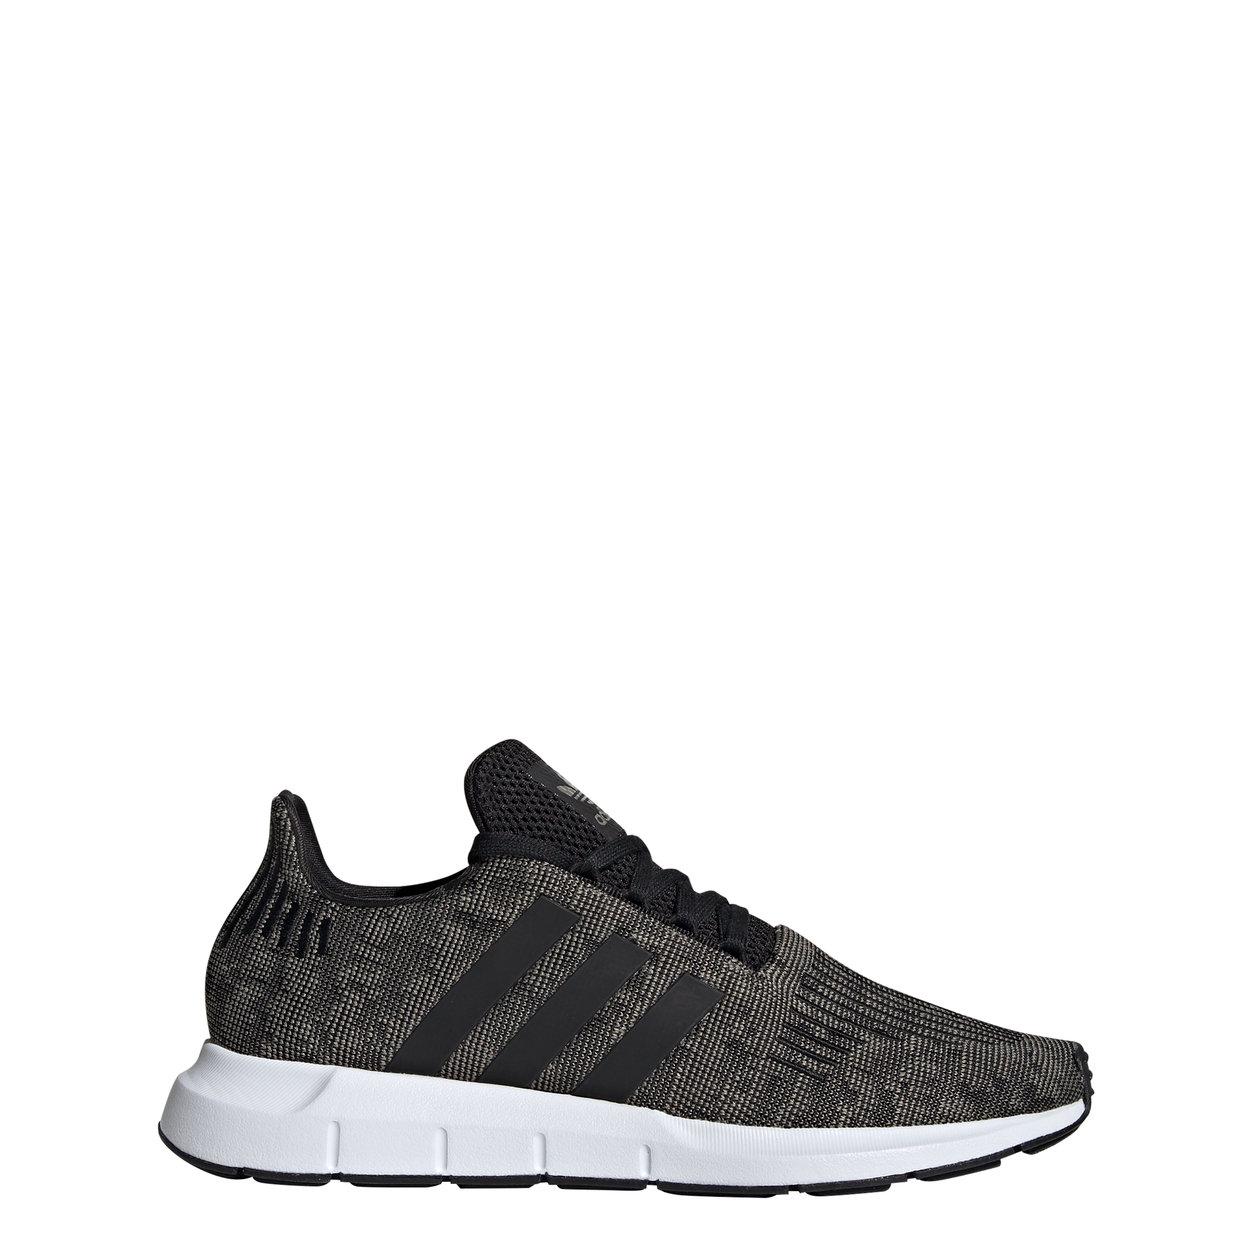 adidas grigie e nere